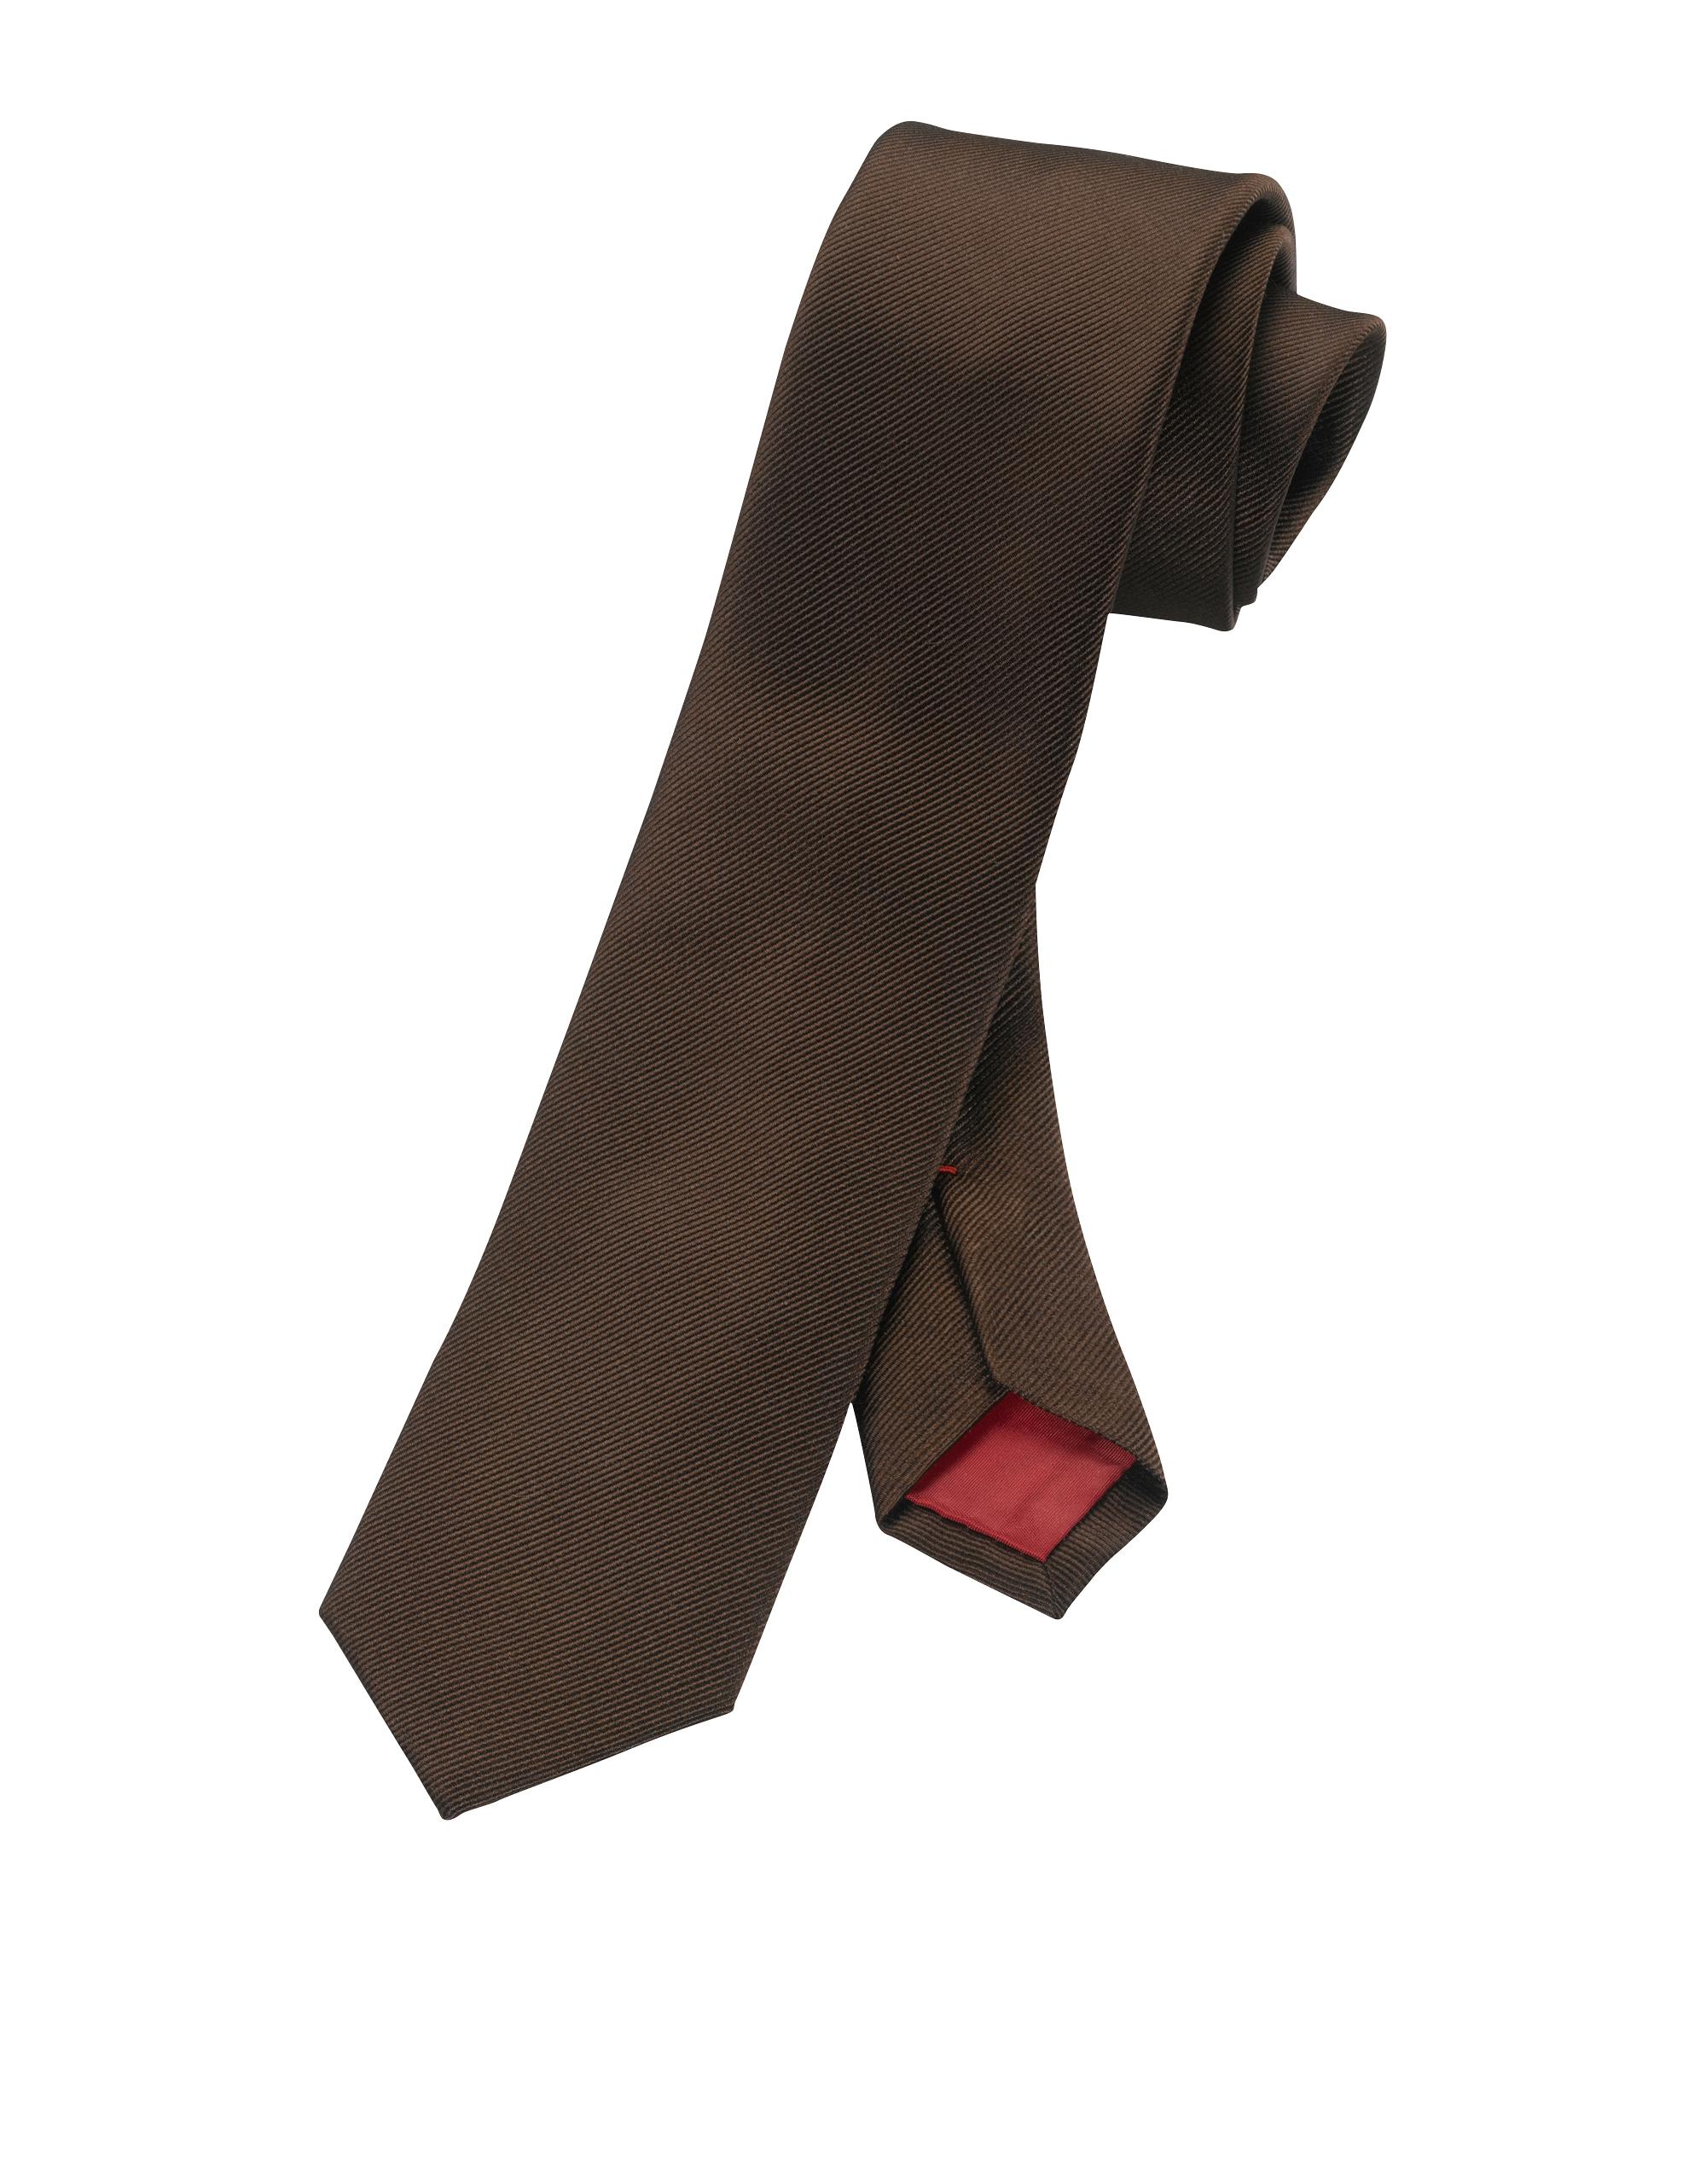 OLYMP Krawatte, Rotbraun,   Accessoires > Krawatten > Sonstige Krawatten   Rotbraun   100% seide   OLYMP Krawatte